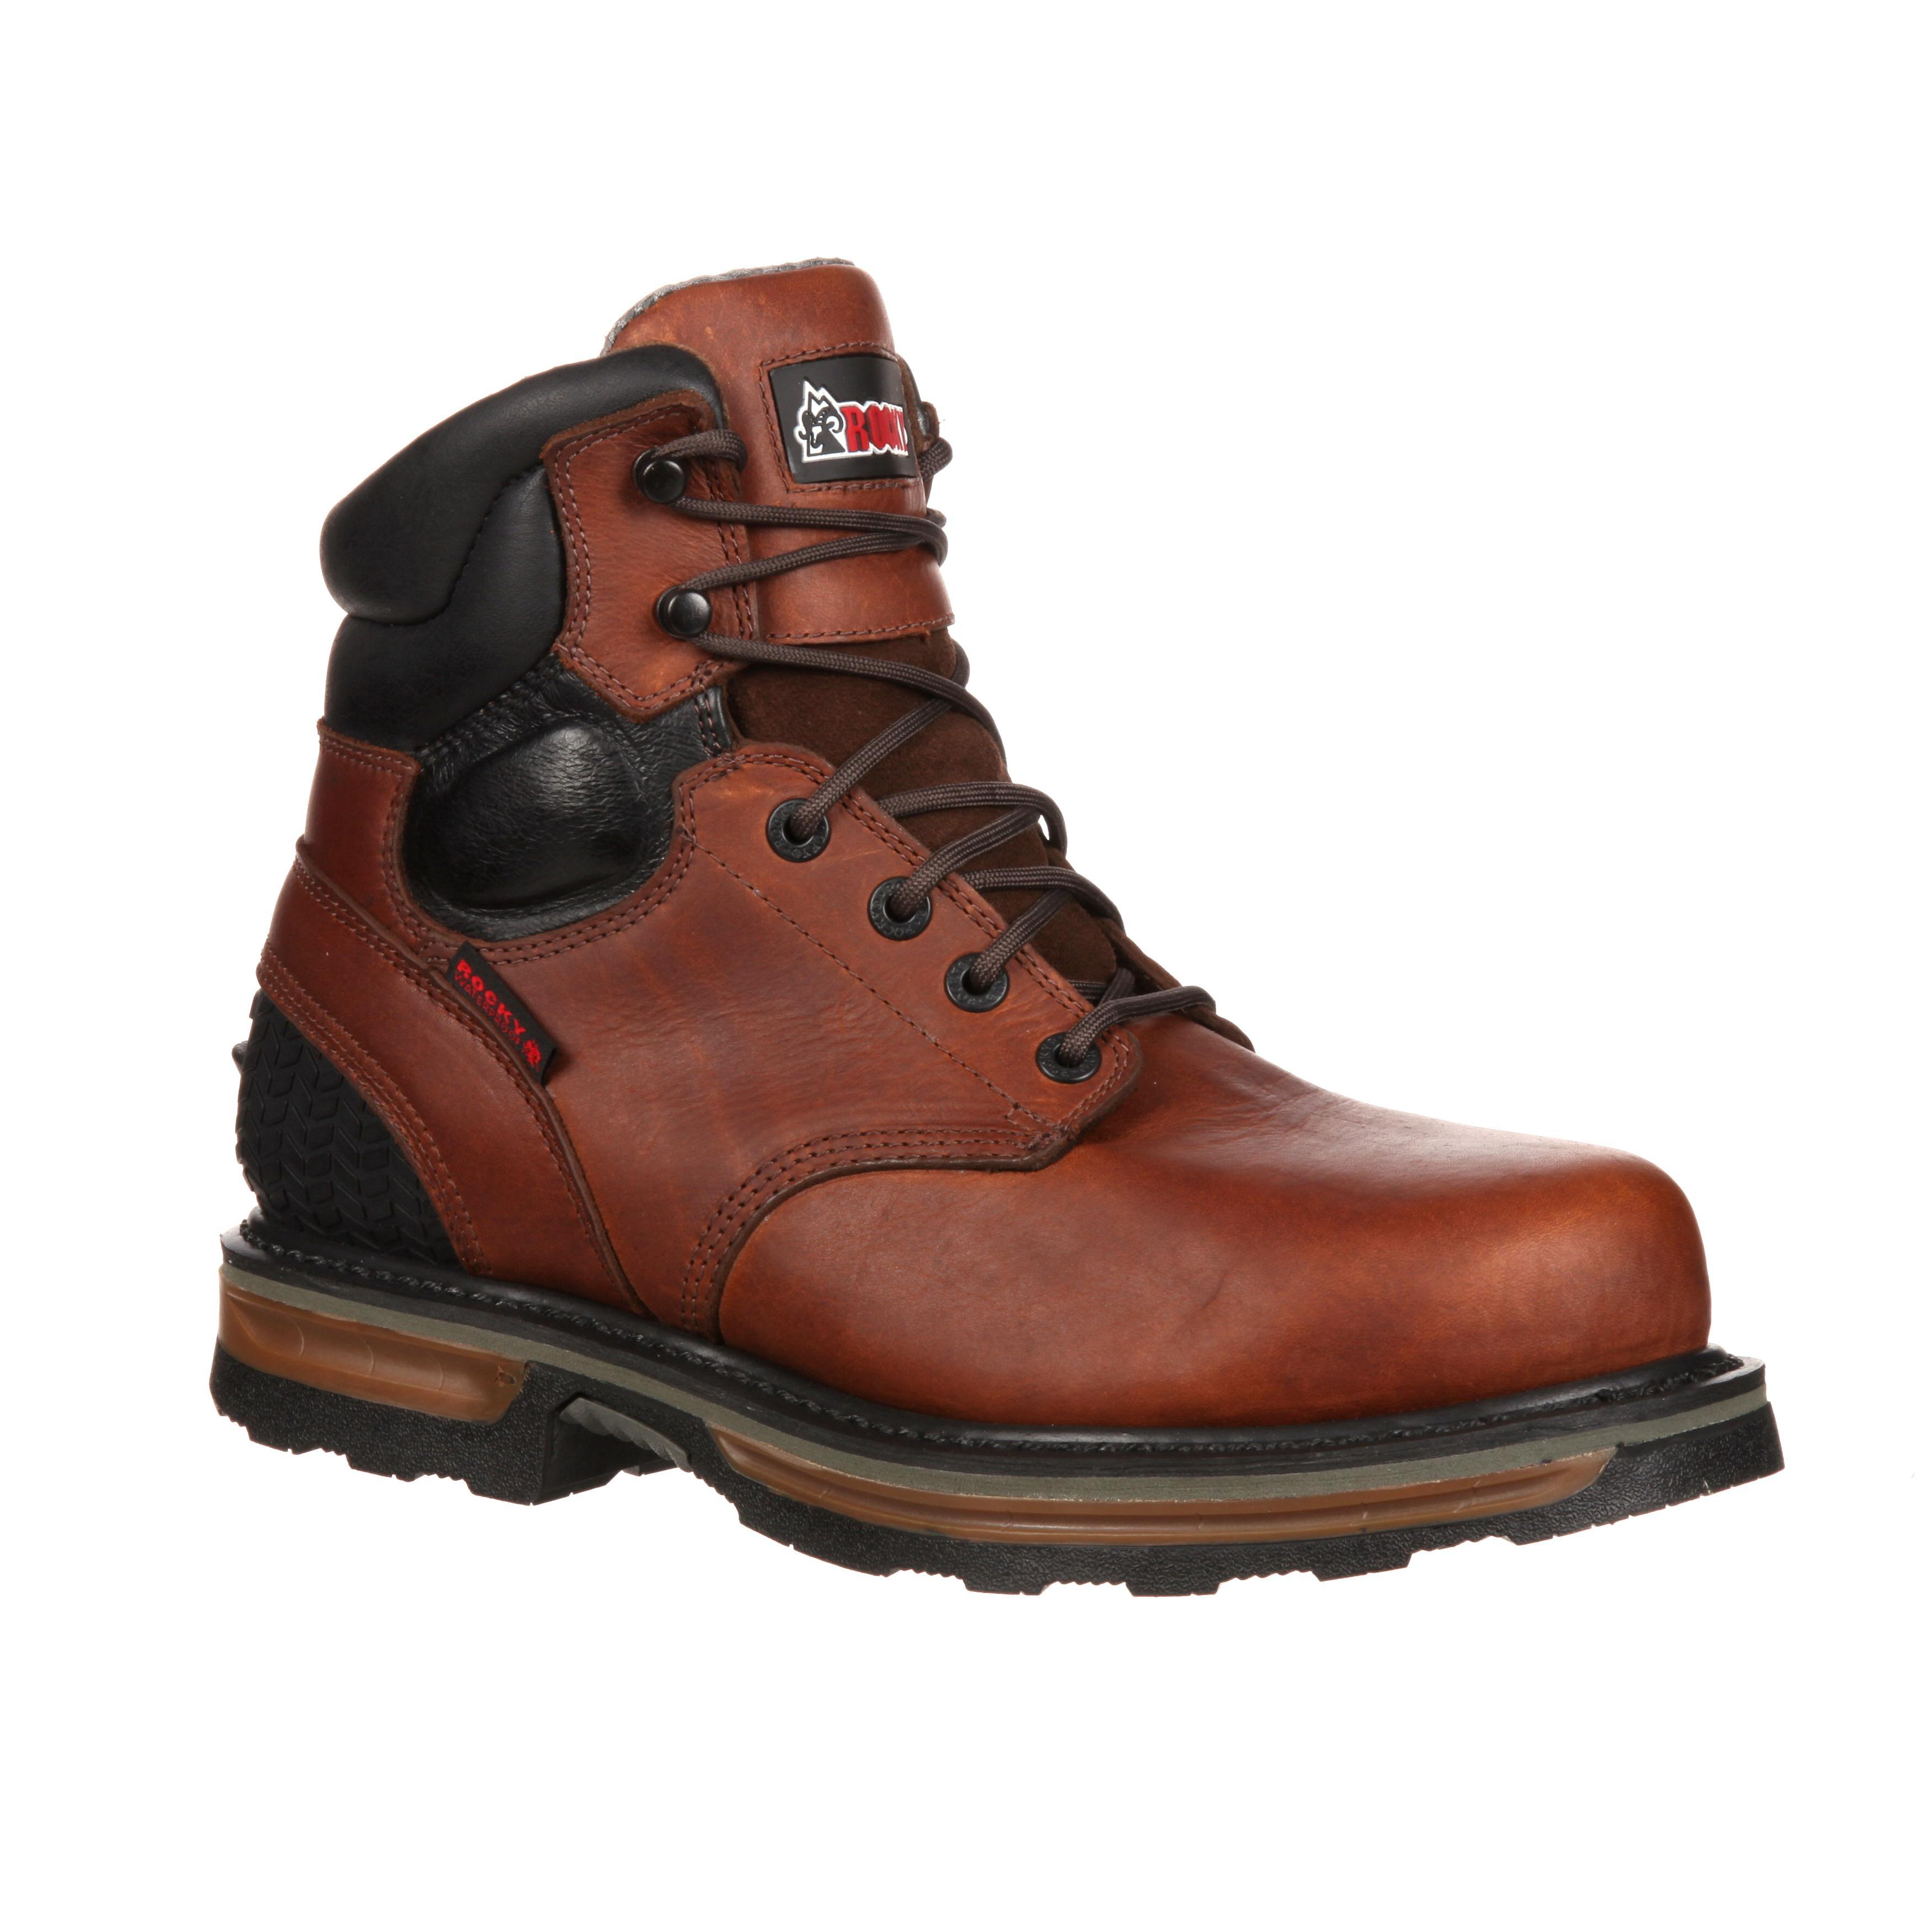 rocky elements steel waterproof steel toe work boot rkyk085